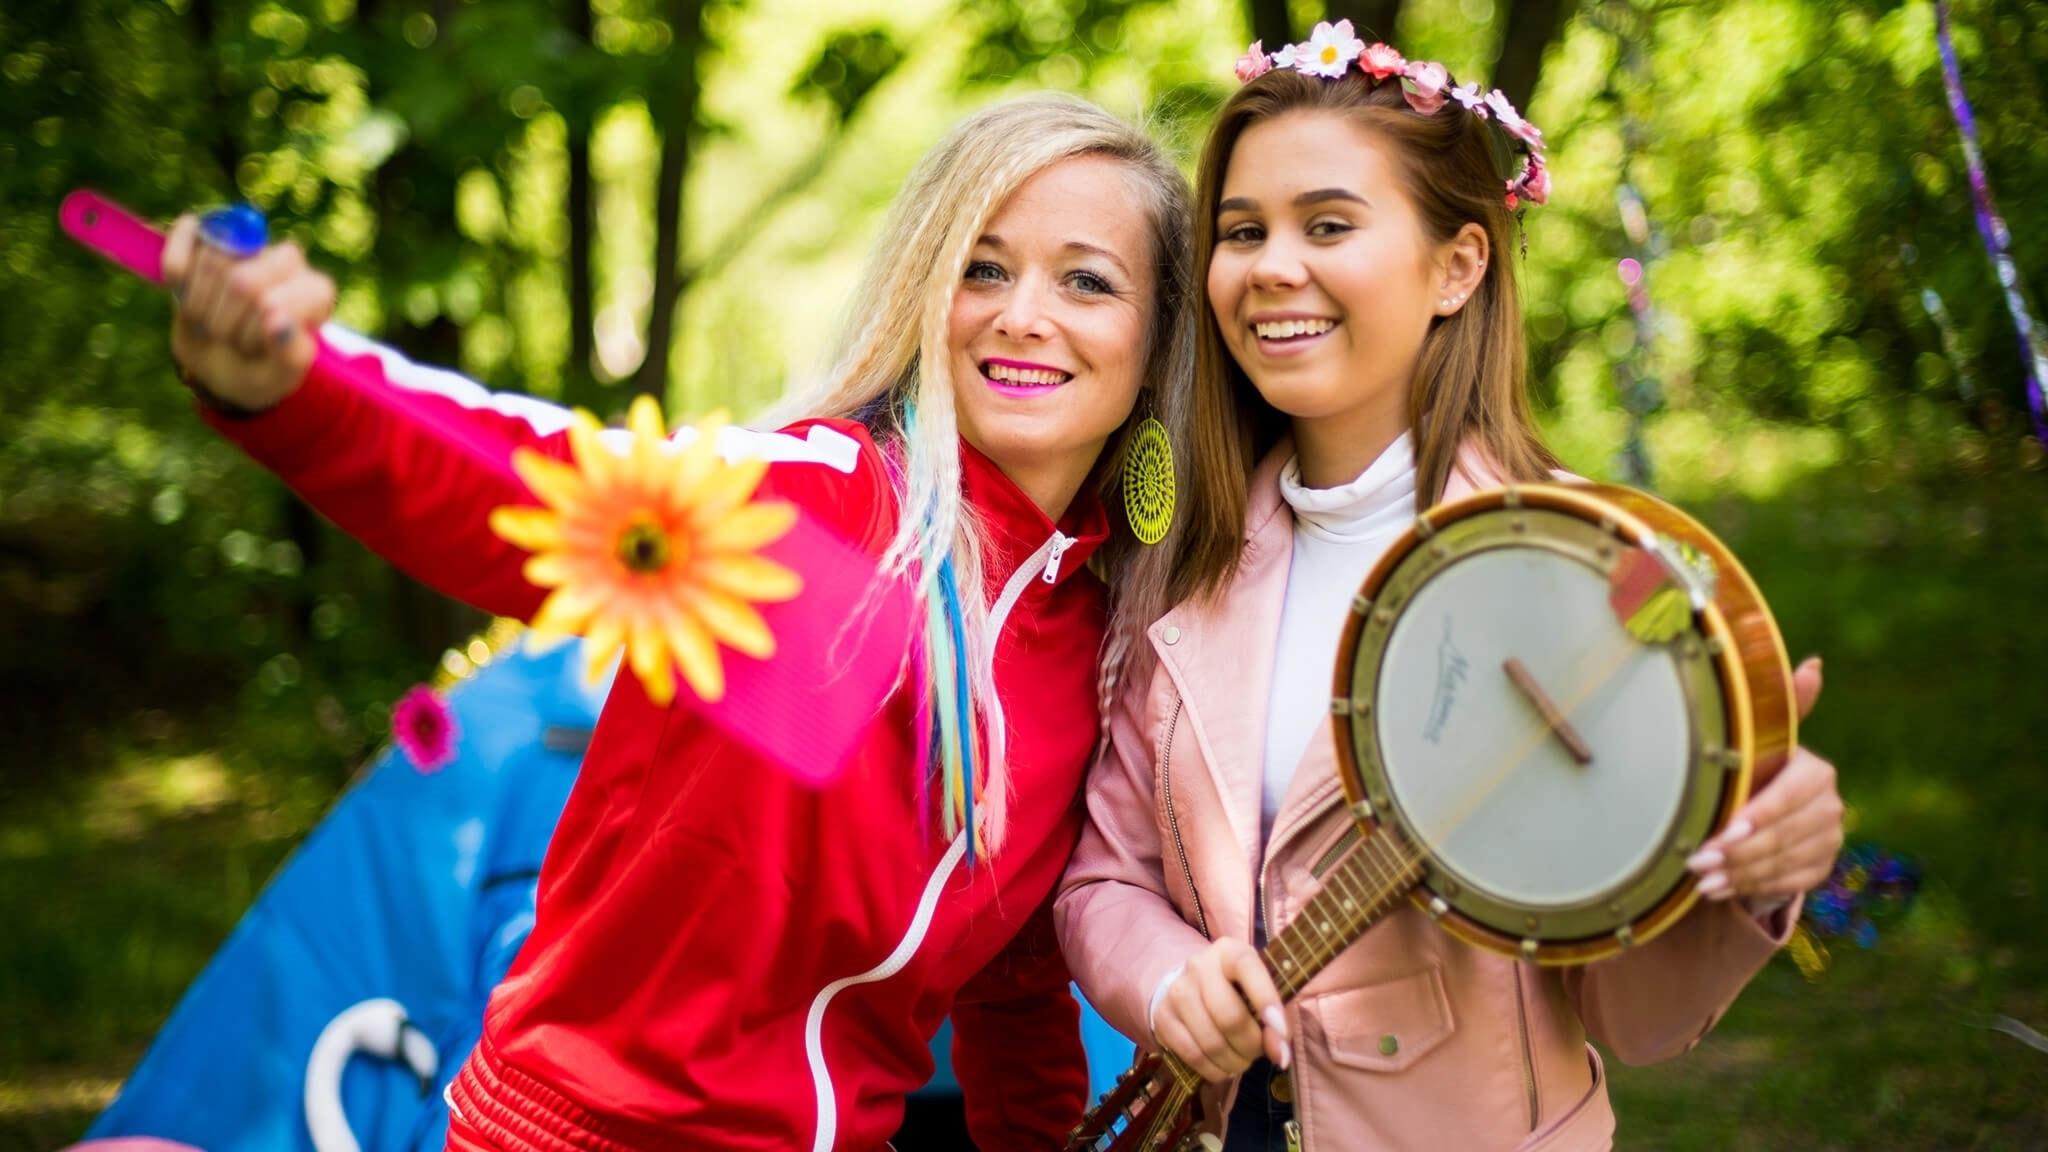 Amelie och Lisa Ajax står ute i skogen. Lisa Ajax håller i en mandolin.